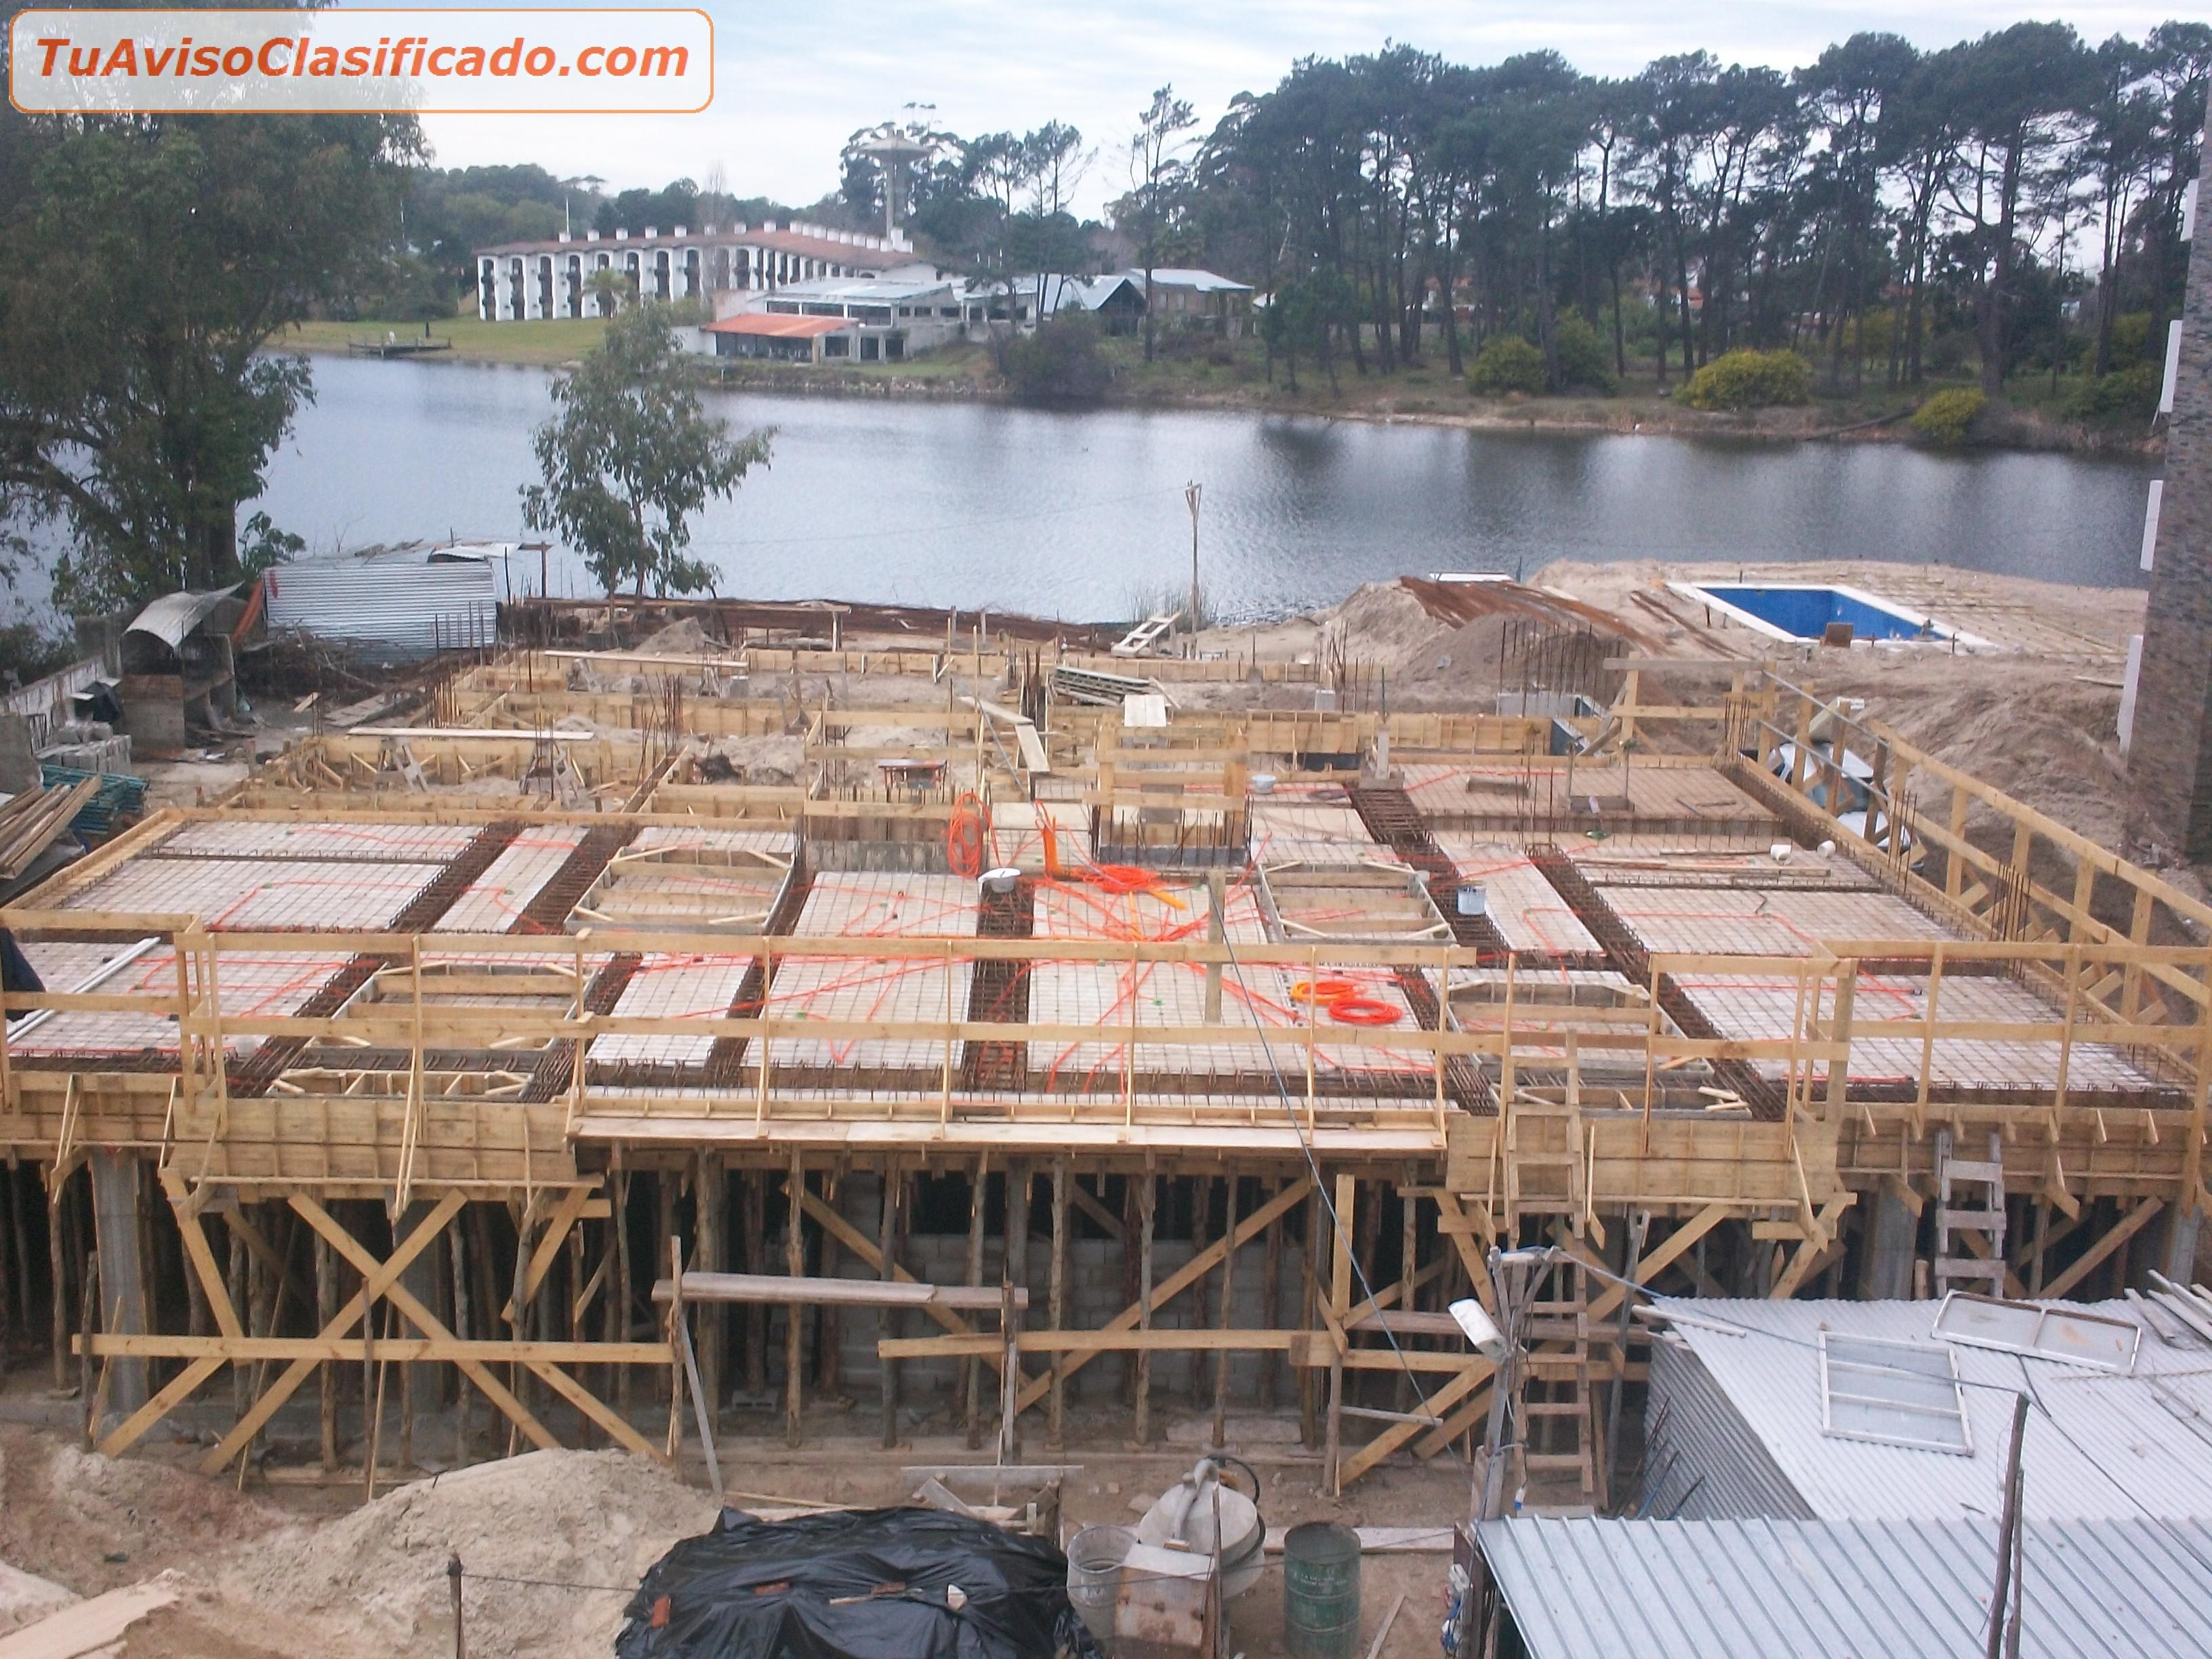 Construccion de obras y piscinas en todo el pa s con for Construccion de piscinas en mexico